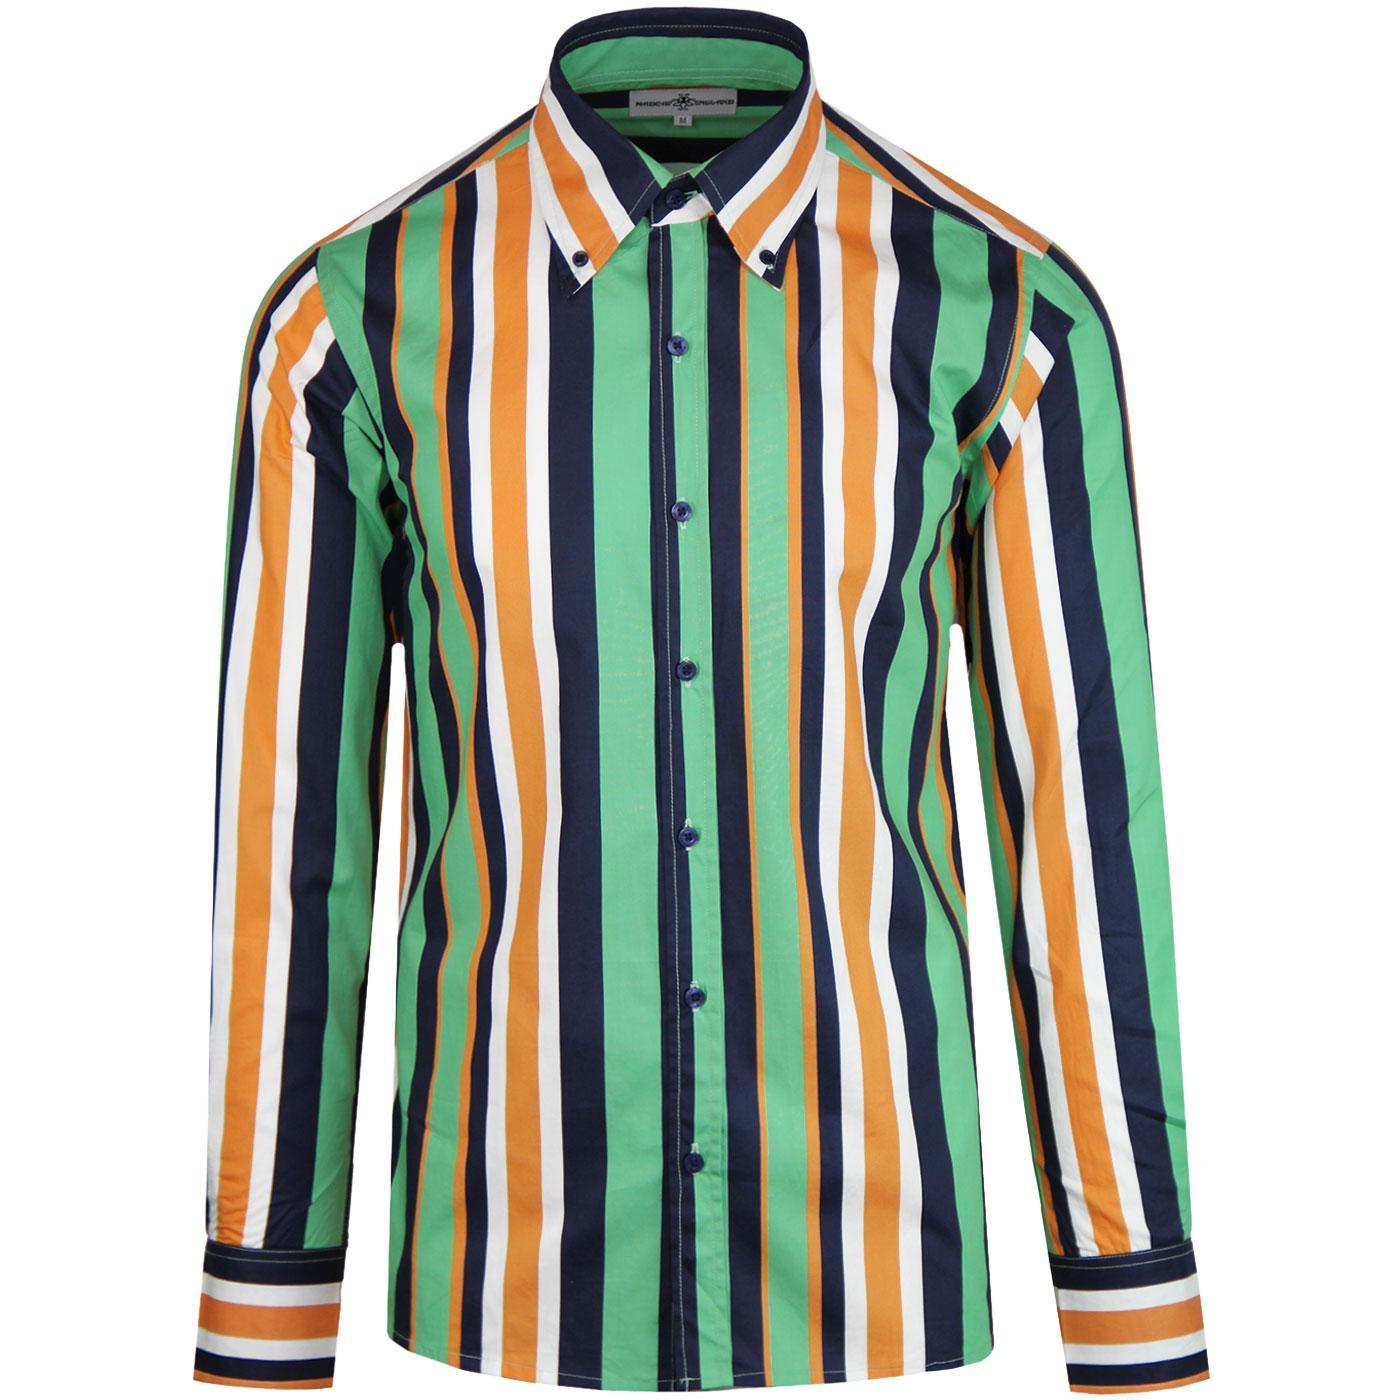 Trip Stripe MADCAP ENGLAND Retro 60s Mod Shirt